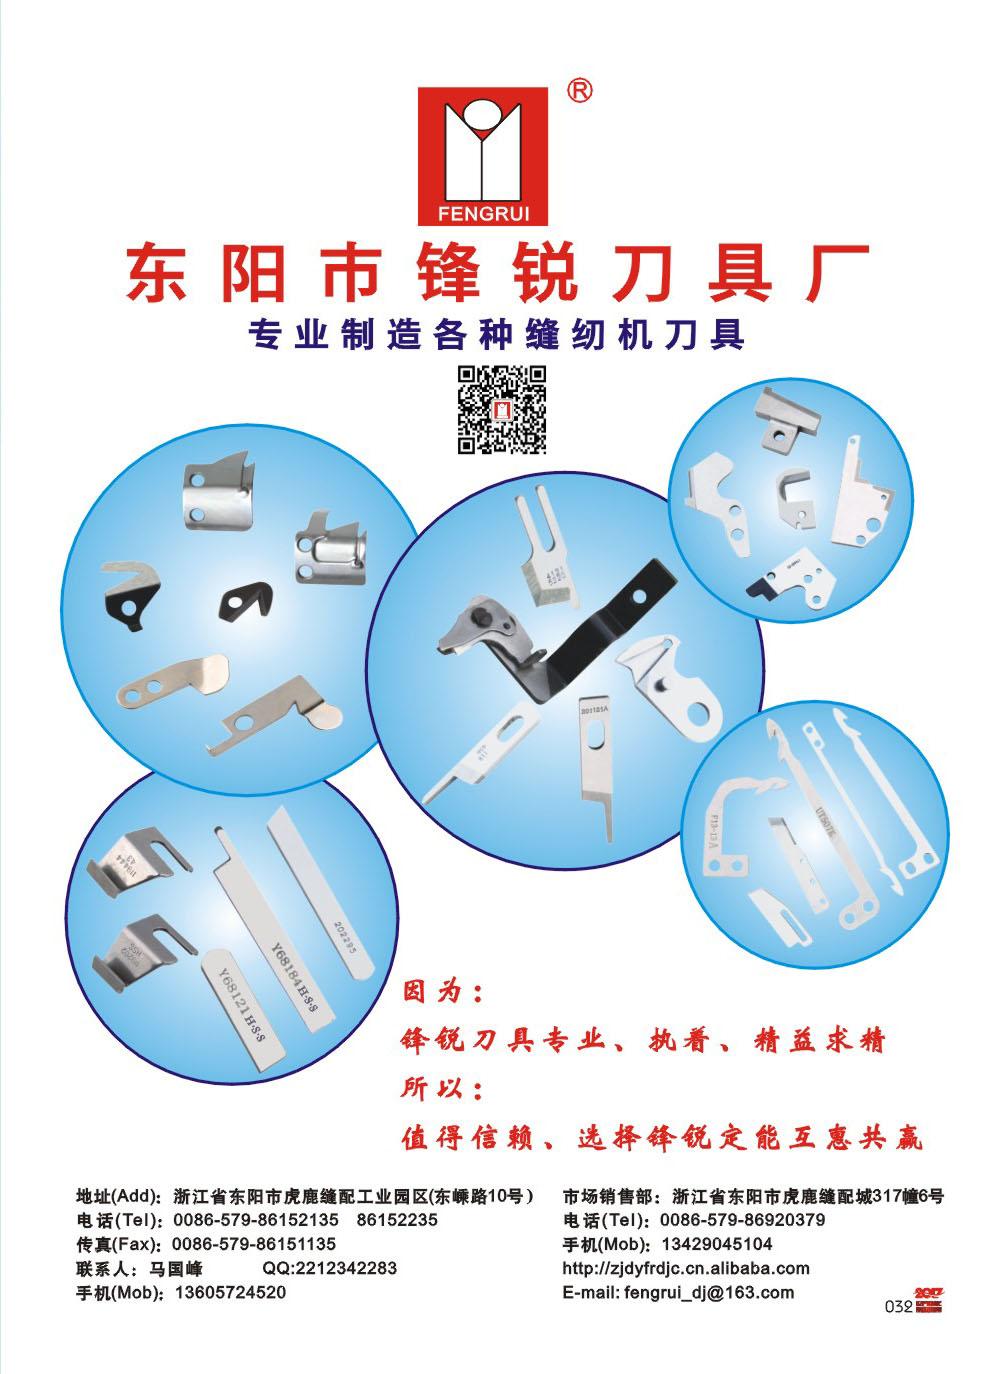 31-32-金磊彩页广告-锋锐-2